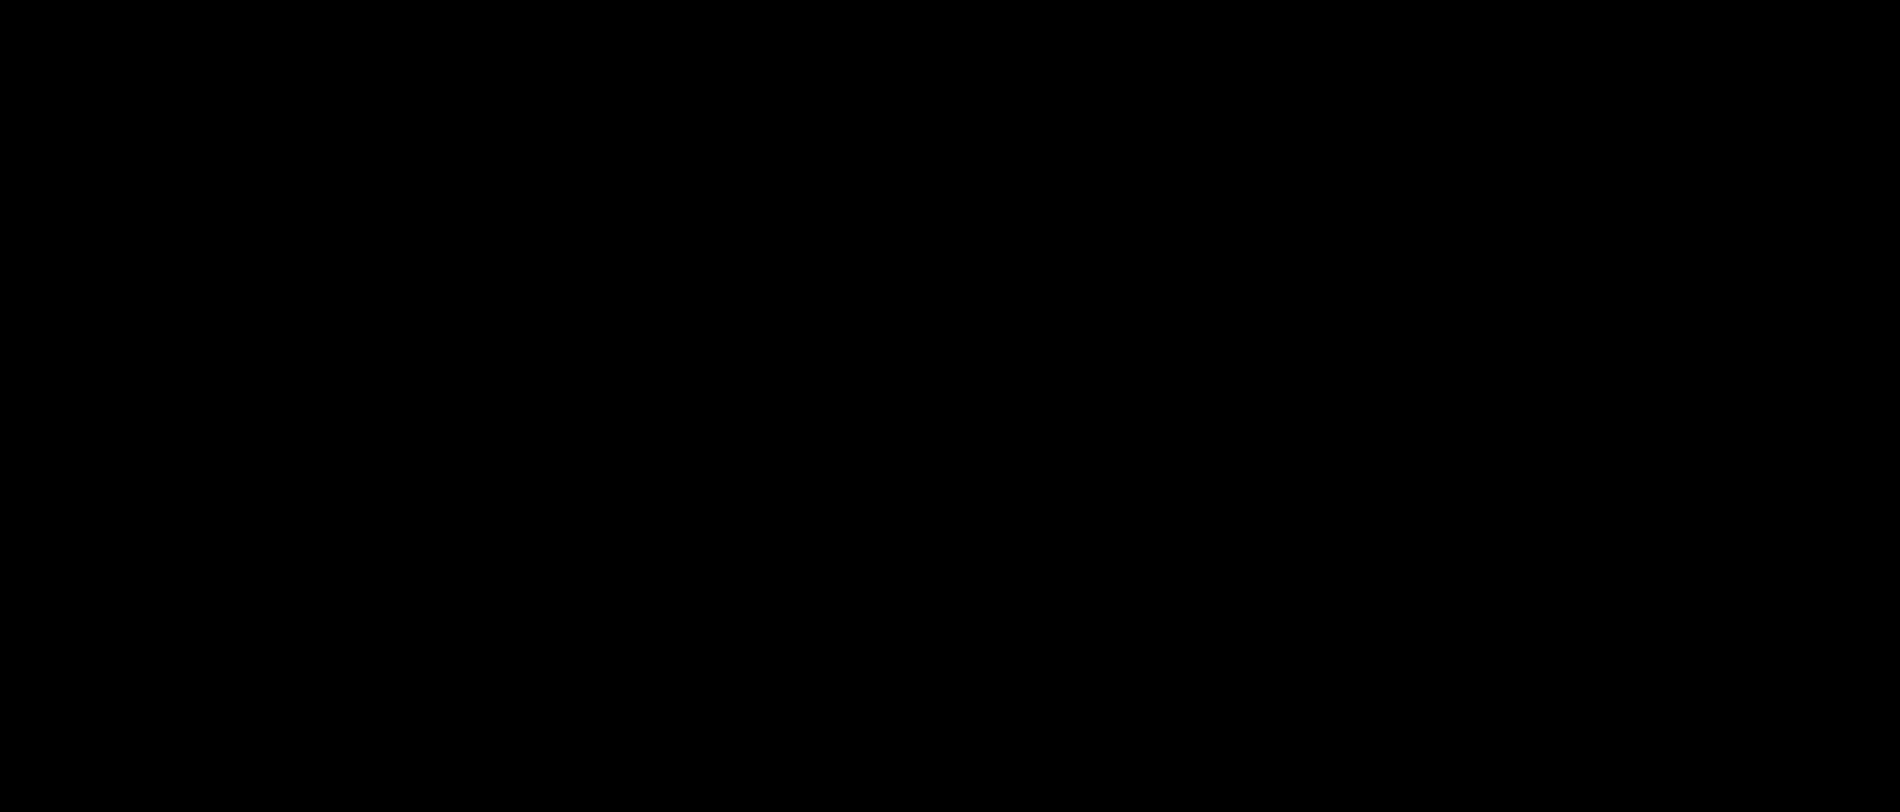 thecitylogo-2000x624.png